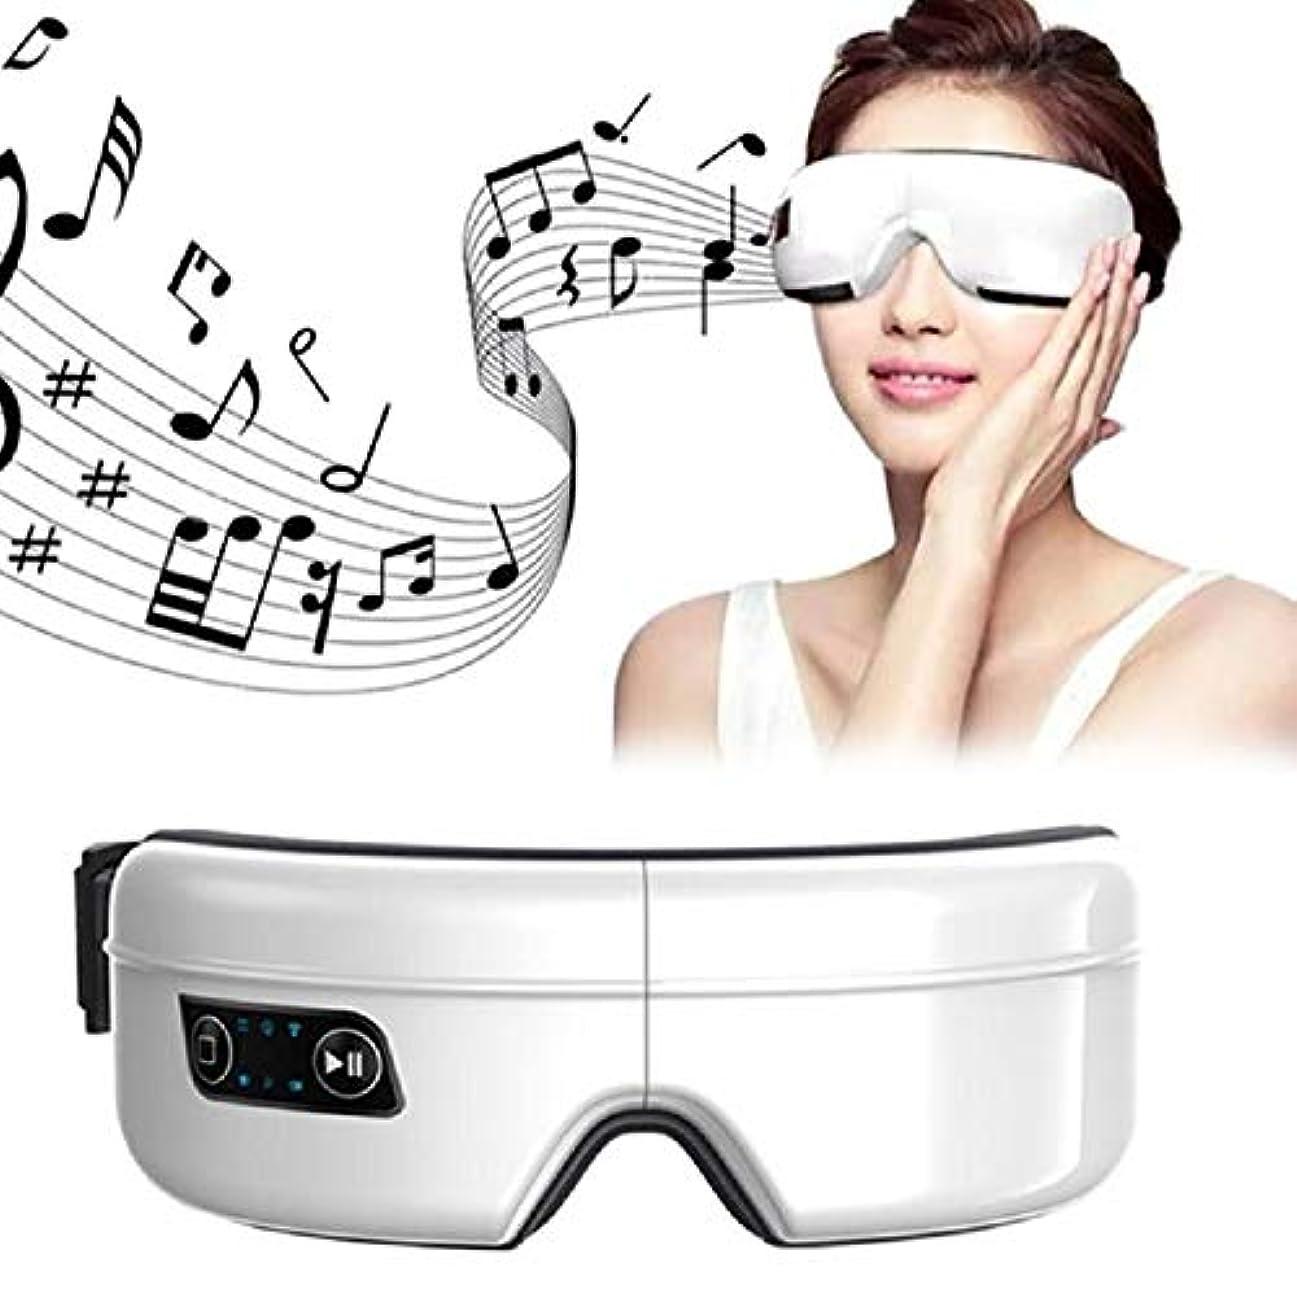 召喚するシットコム航空会社Ruzzy 高度な電気ワイヤレスアイマッサージSPAの楽器、音楽充電式美容ツール 購入へようこそ